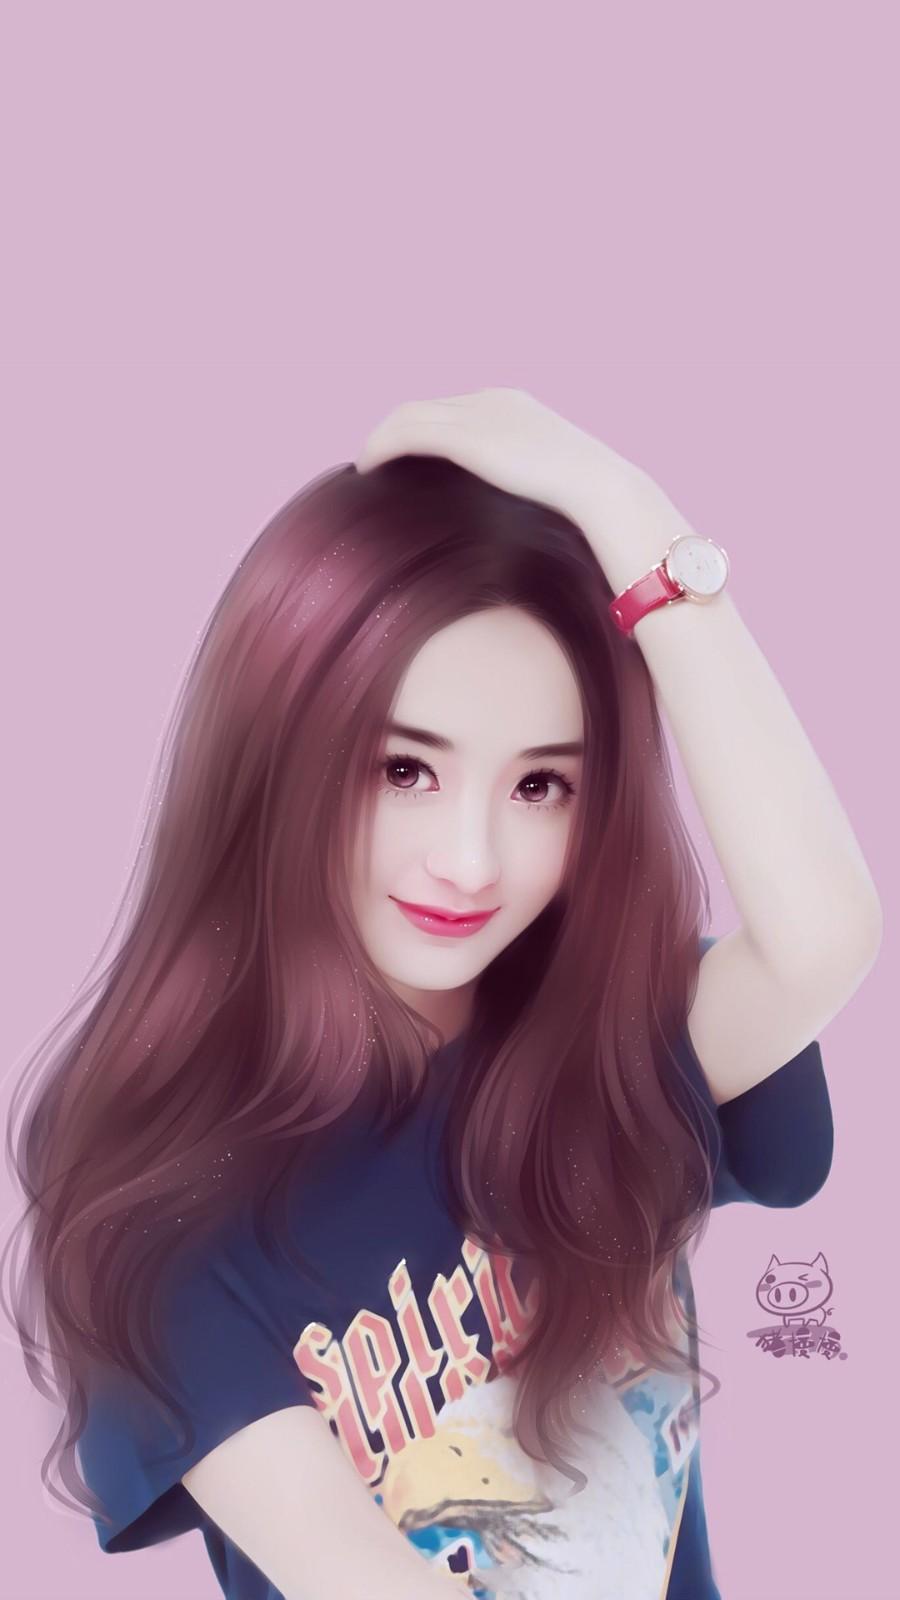 赵丽颖最新手绘图片合集,网友:太美了!